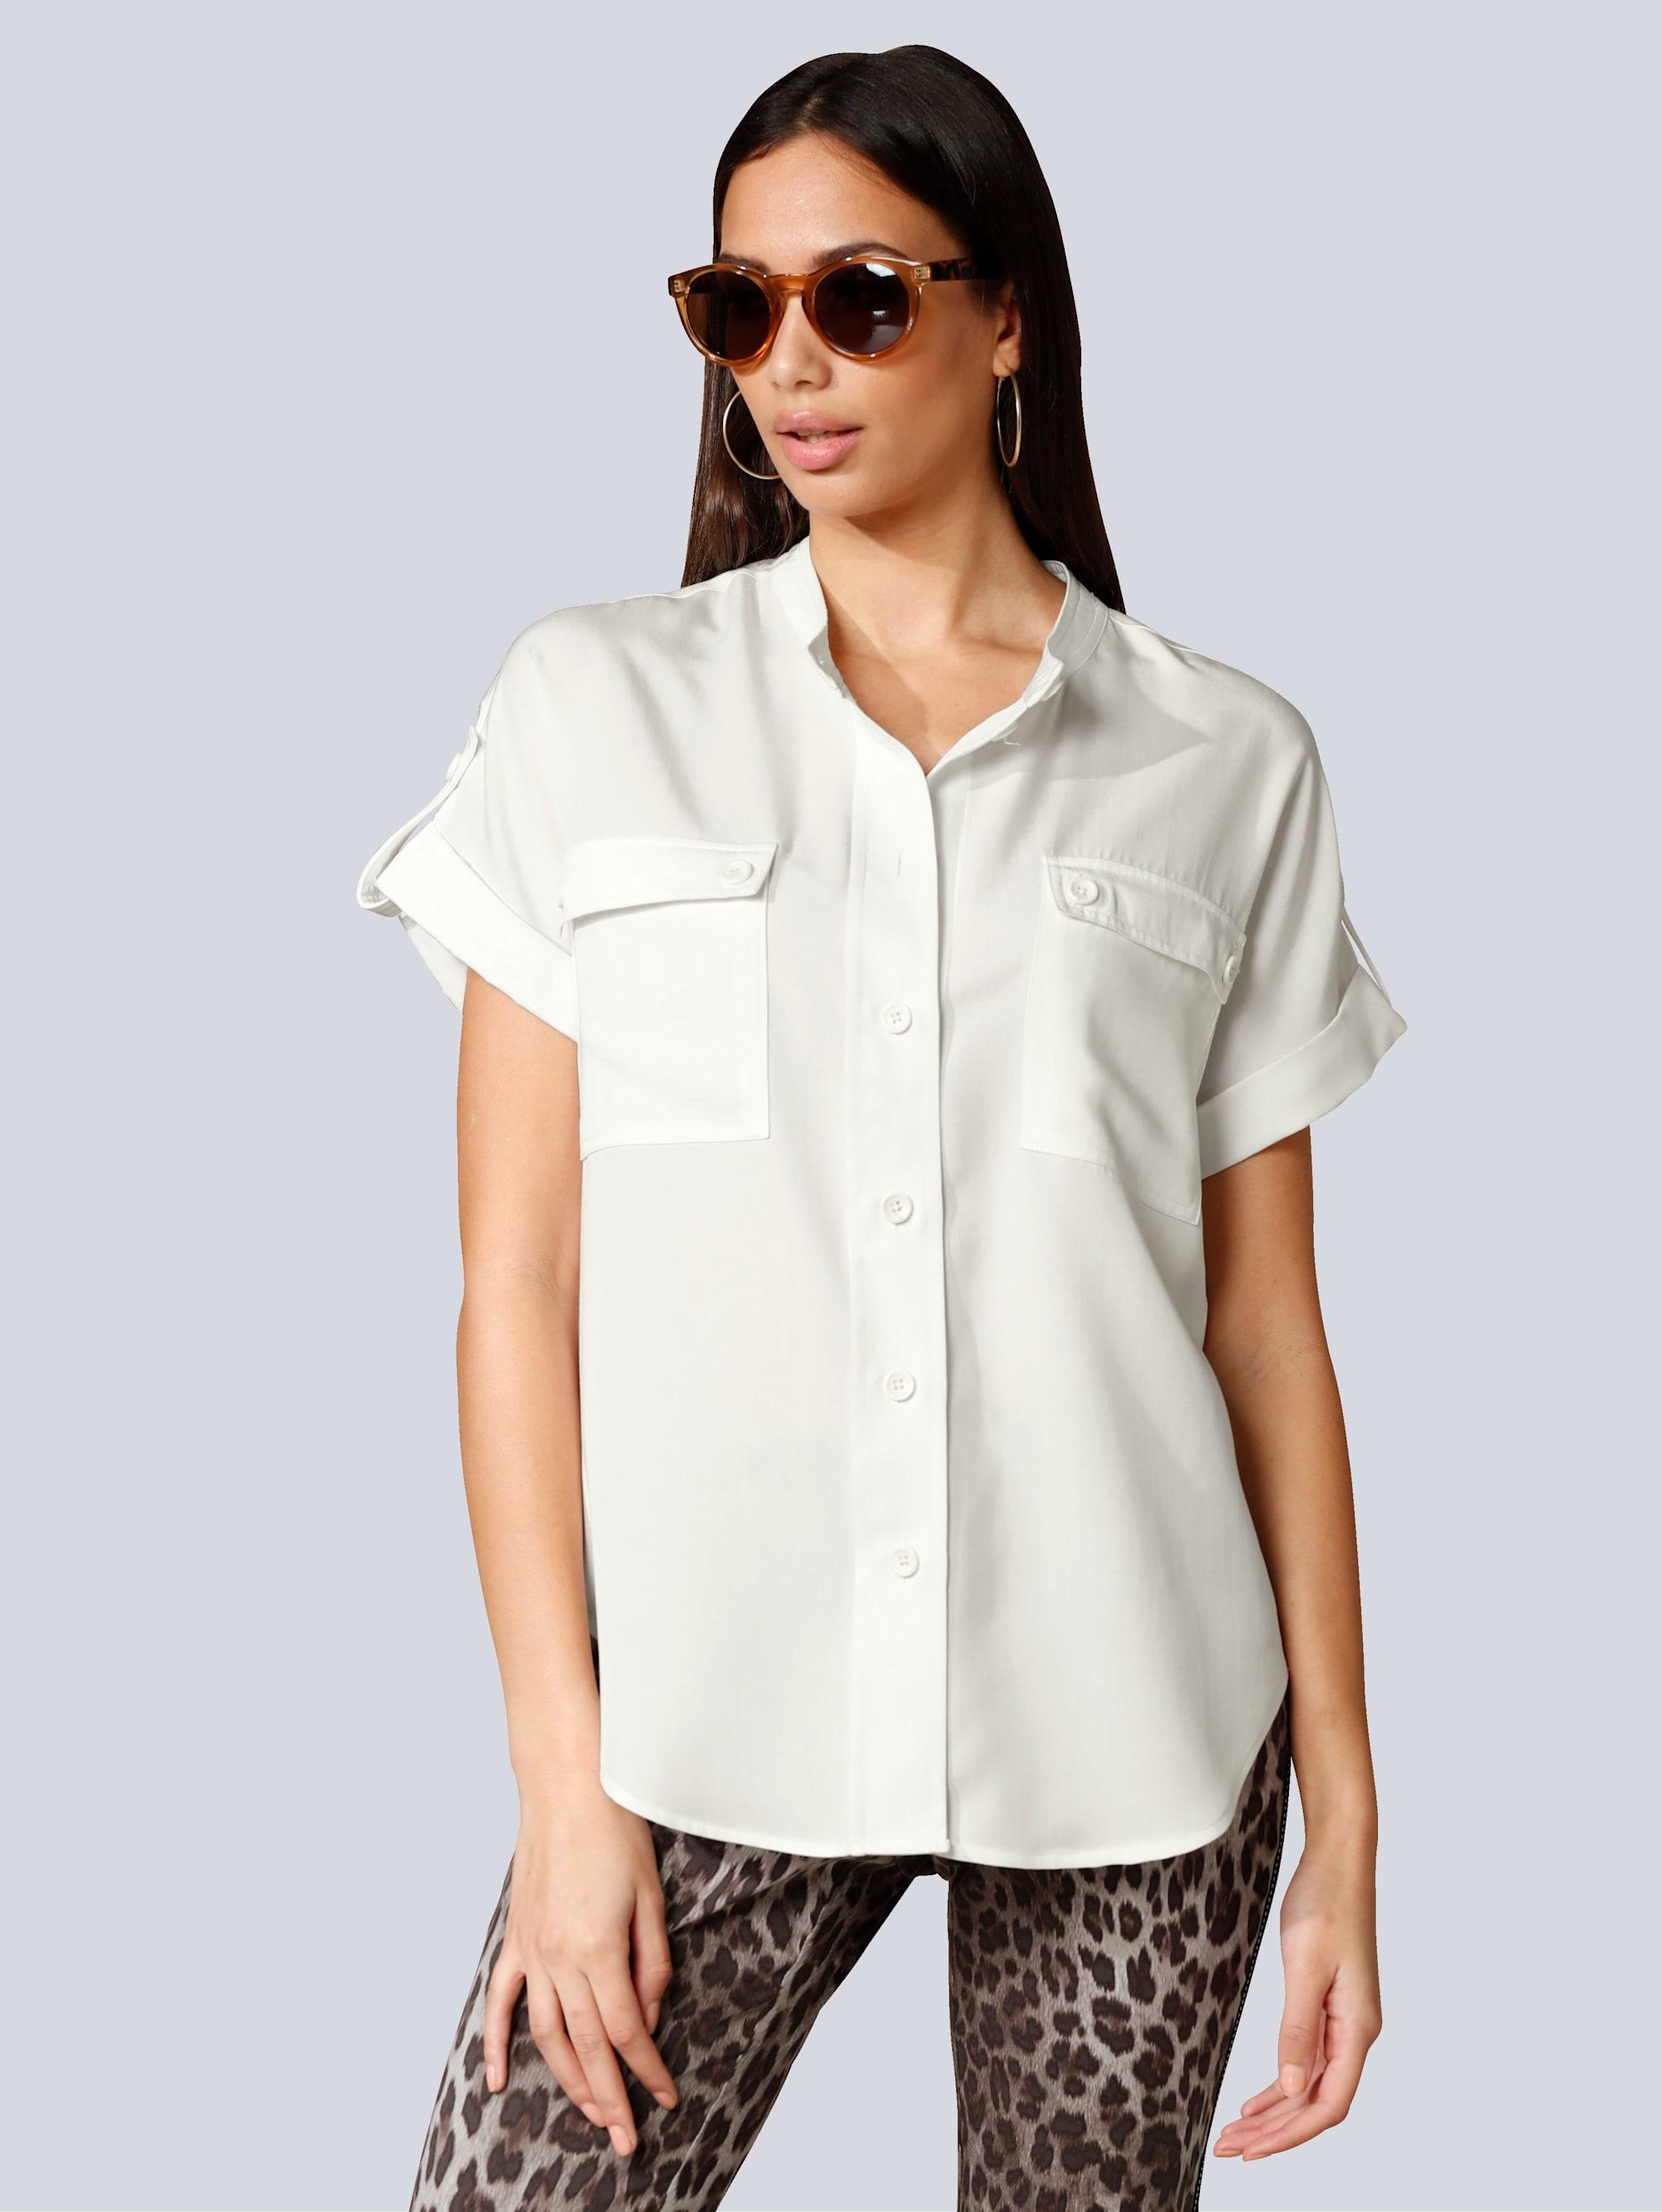 Alba Moda Bluse mit Brusttaschen sALT8 2Er3o